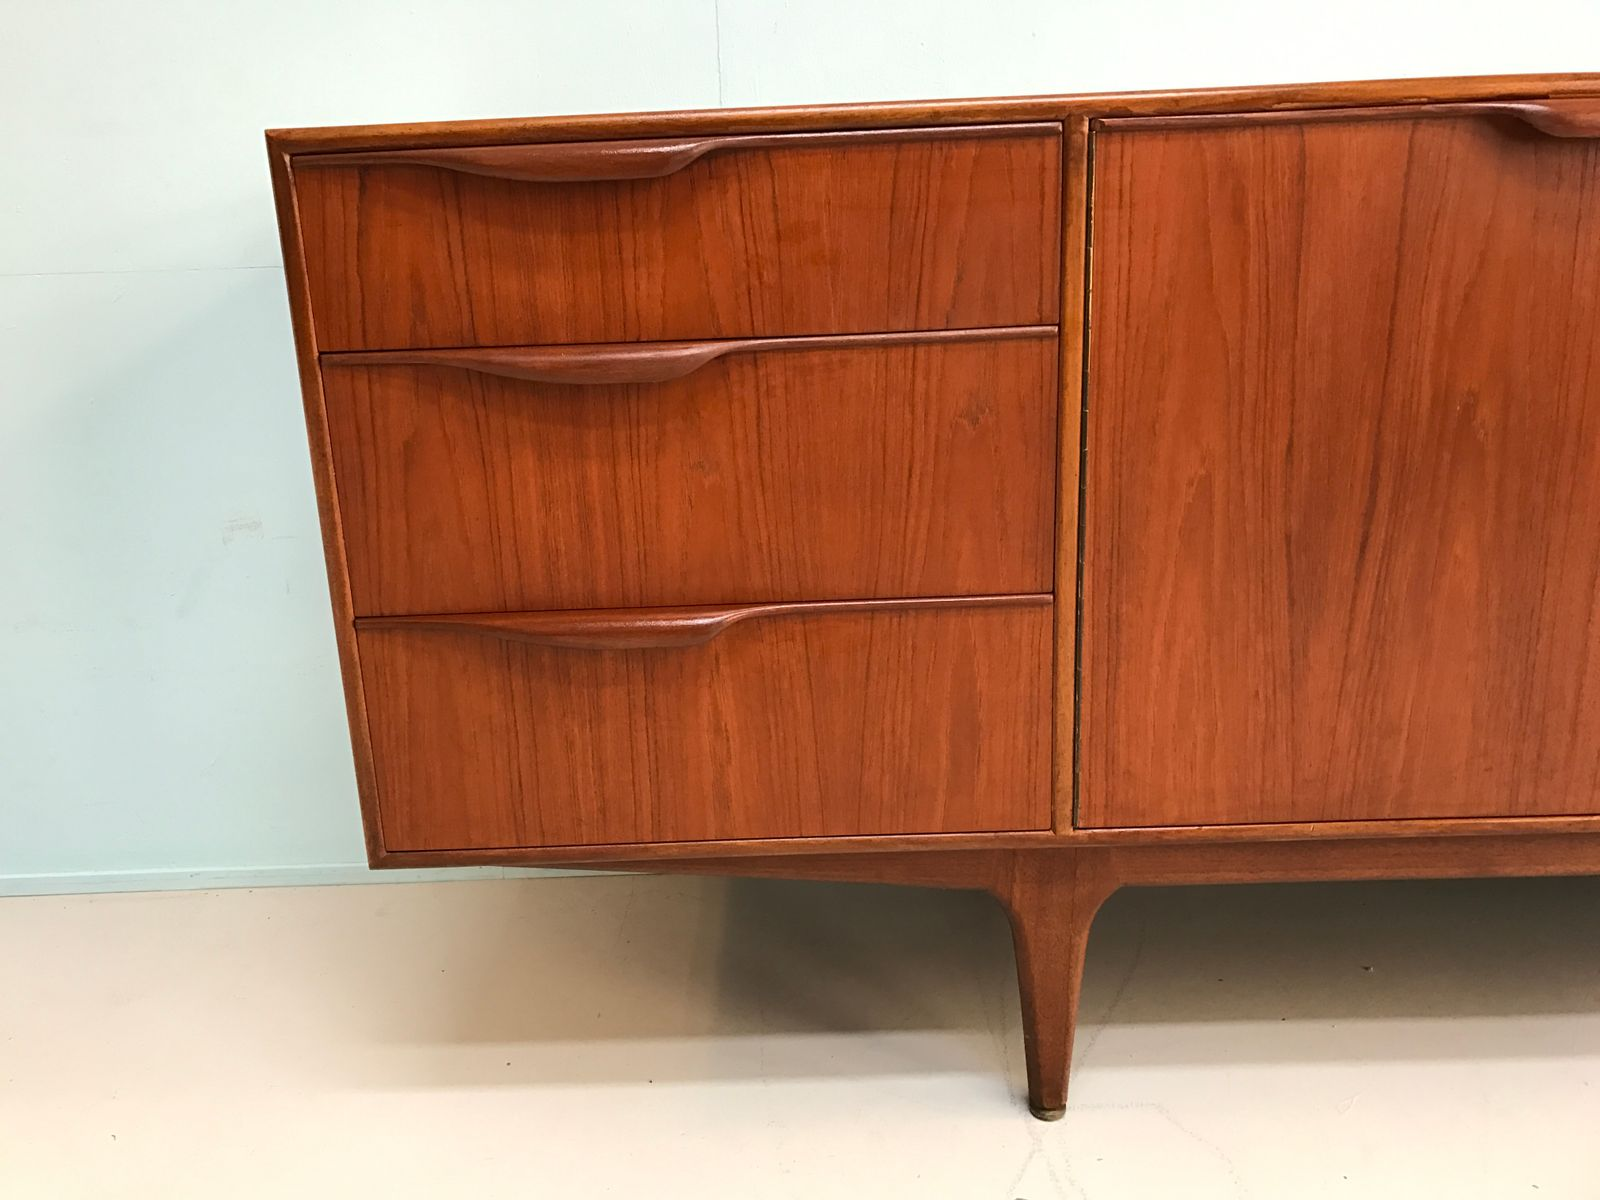 vintage lowboard in teak from mcintosh 1960s for sale at. Black Bedroom Furniture Sets. Home Design Ideas